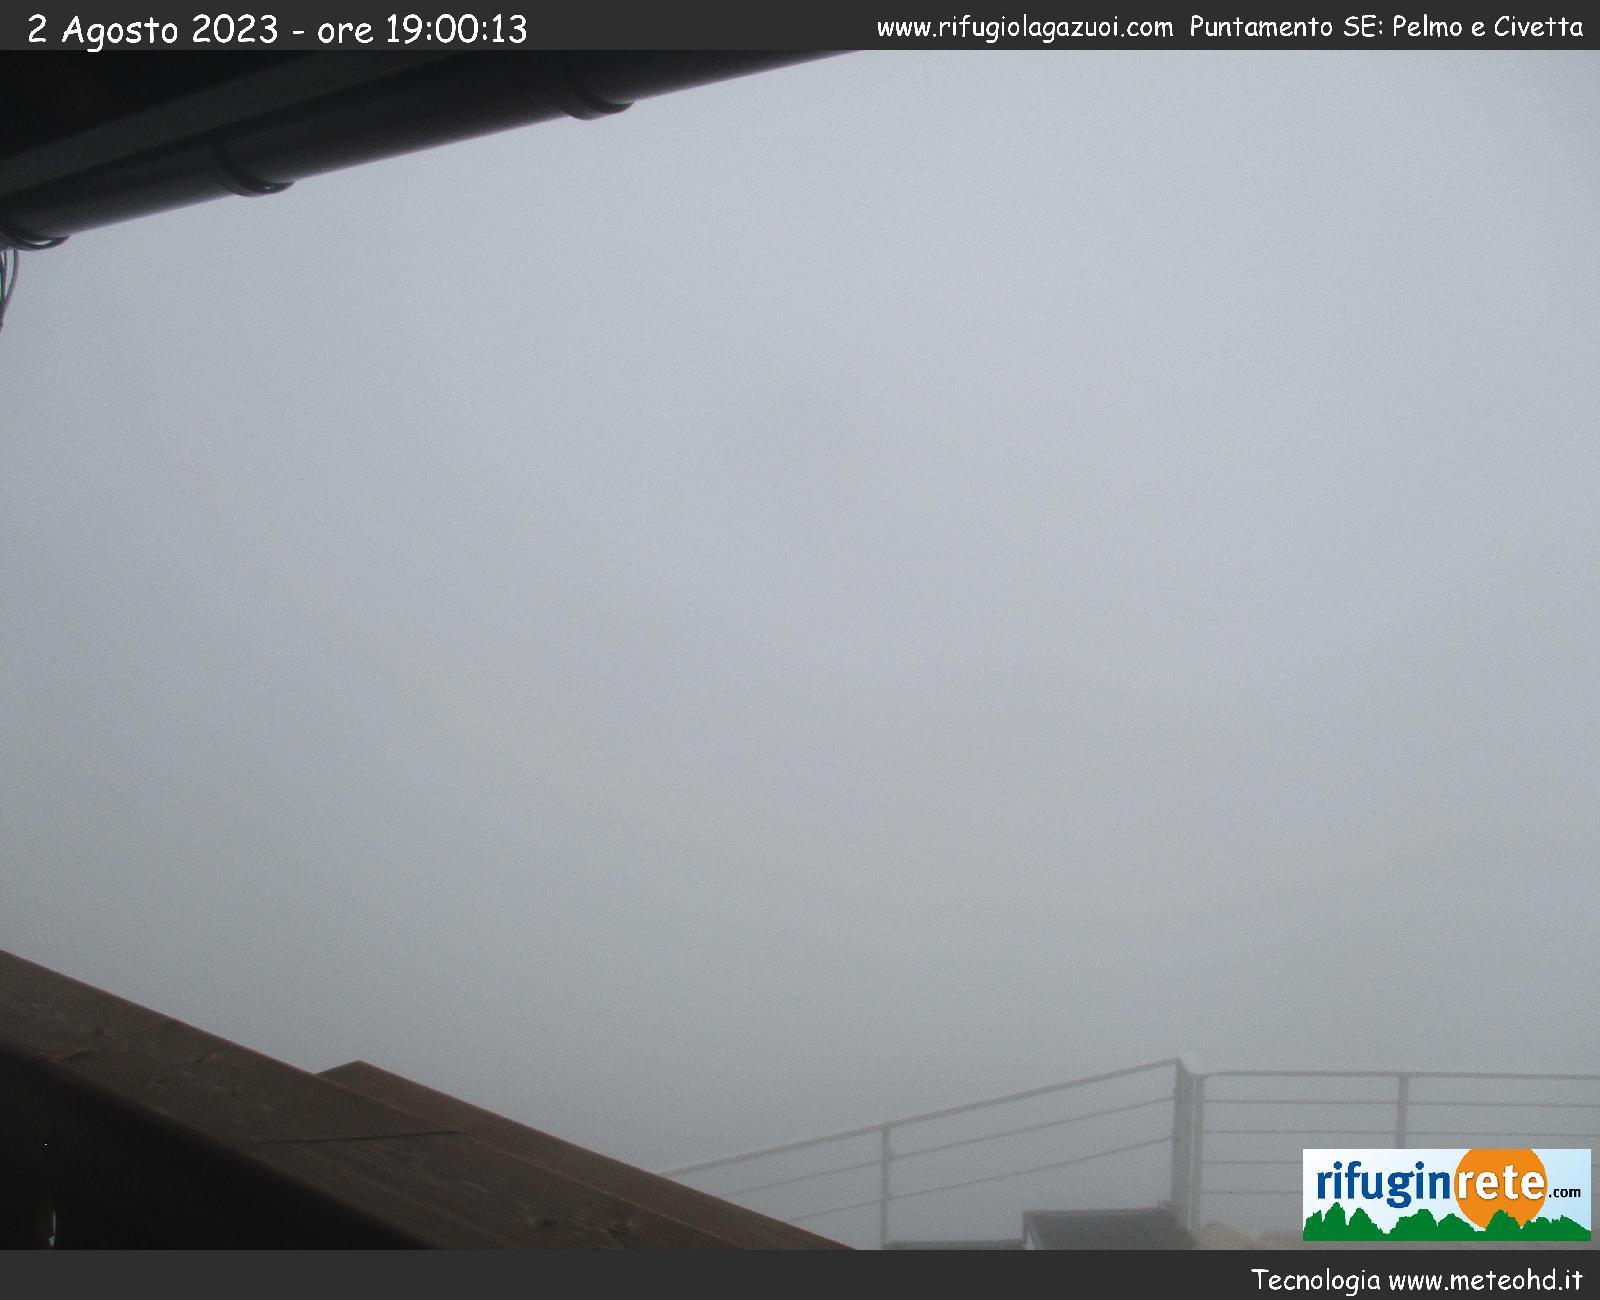 Webcam von der Lagazuoi-Hütte